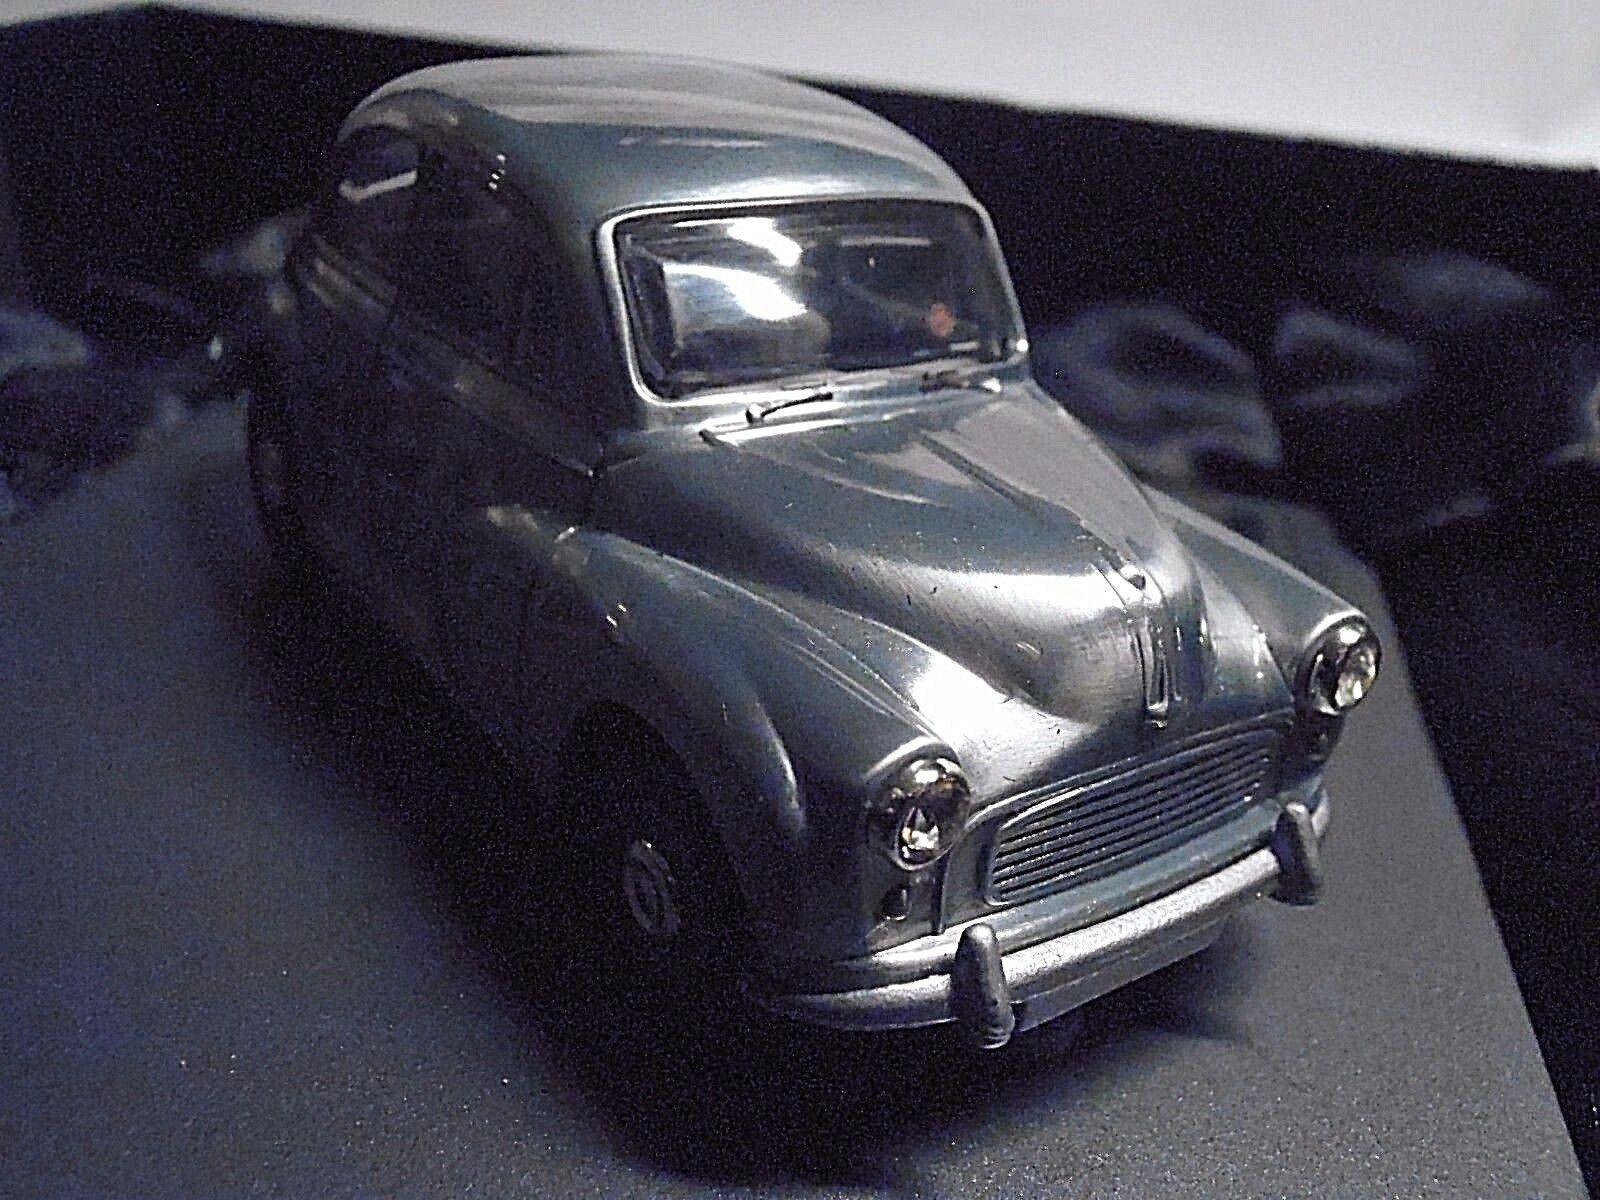 Morris Minor  Corgi 1 43 (ca.8,5 cm)  G5011 - Precision  Metall poliert